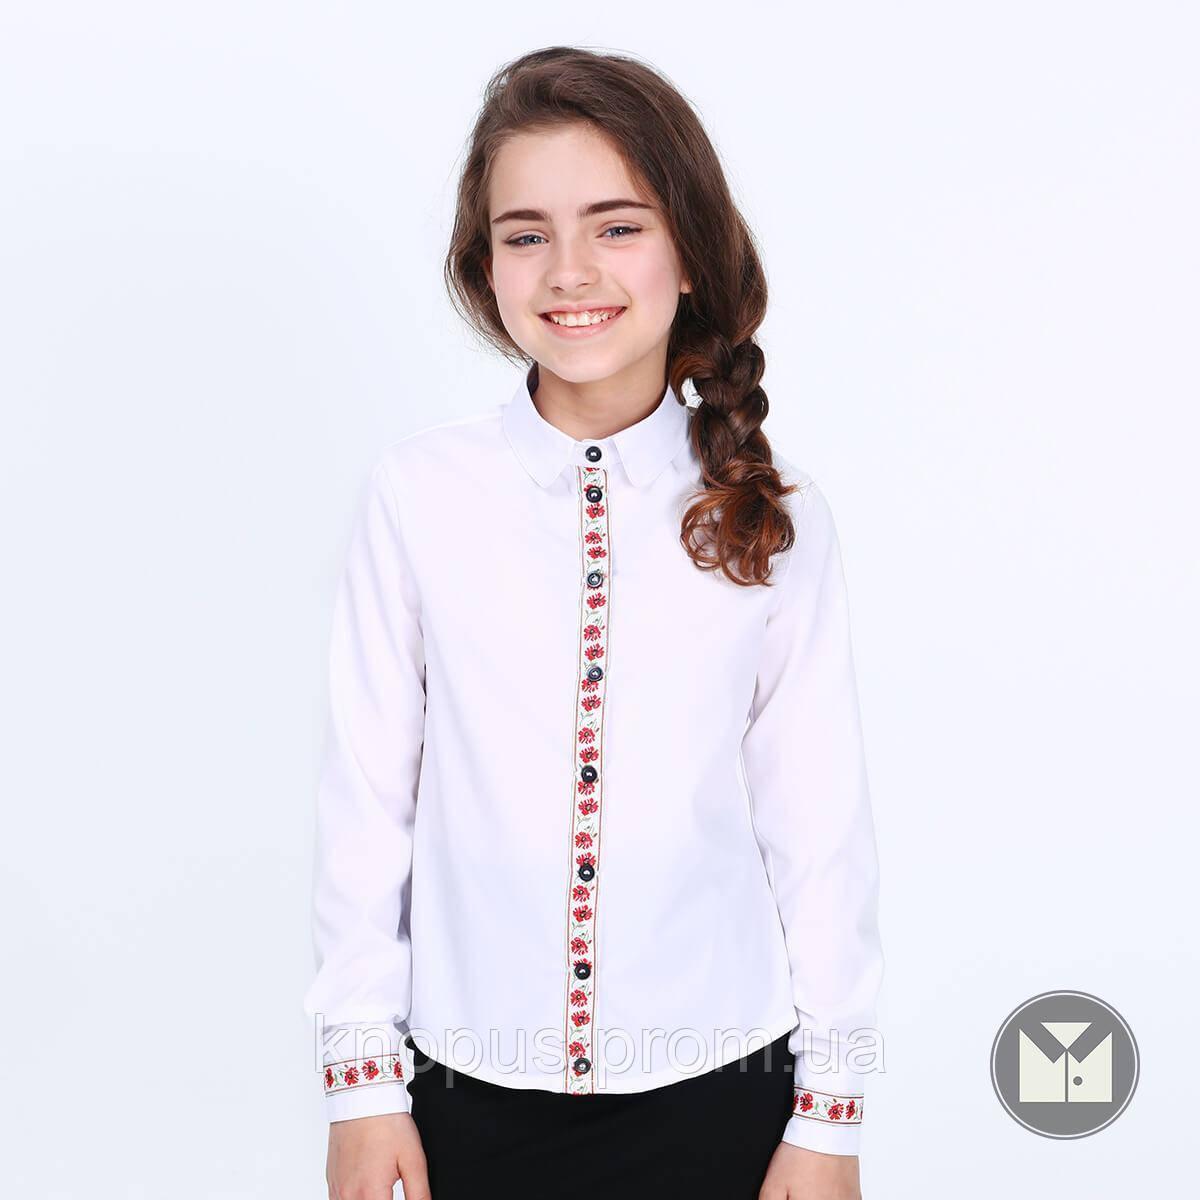 Блуза  белая с длинным рукавом, Вышиванка, Zoryana, Тимбо